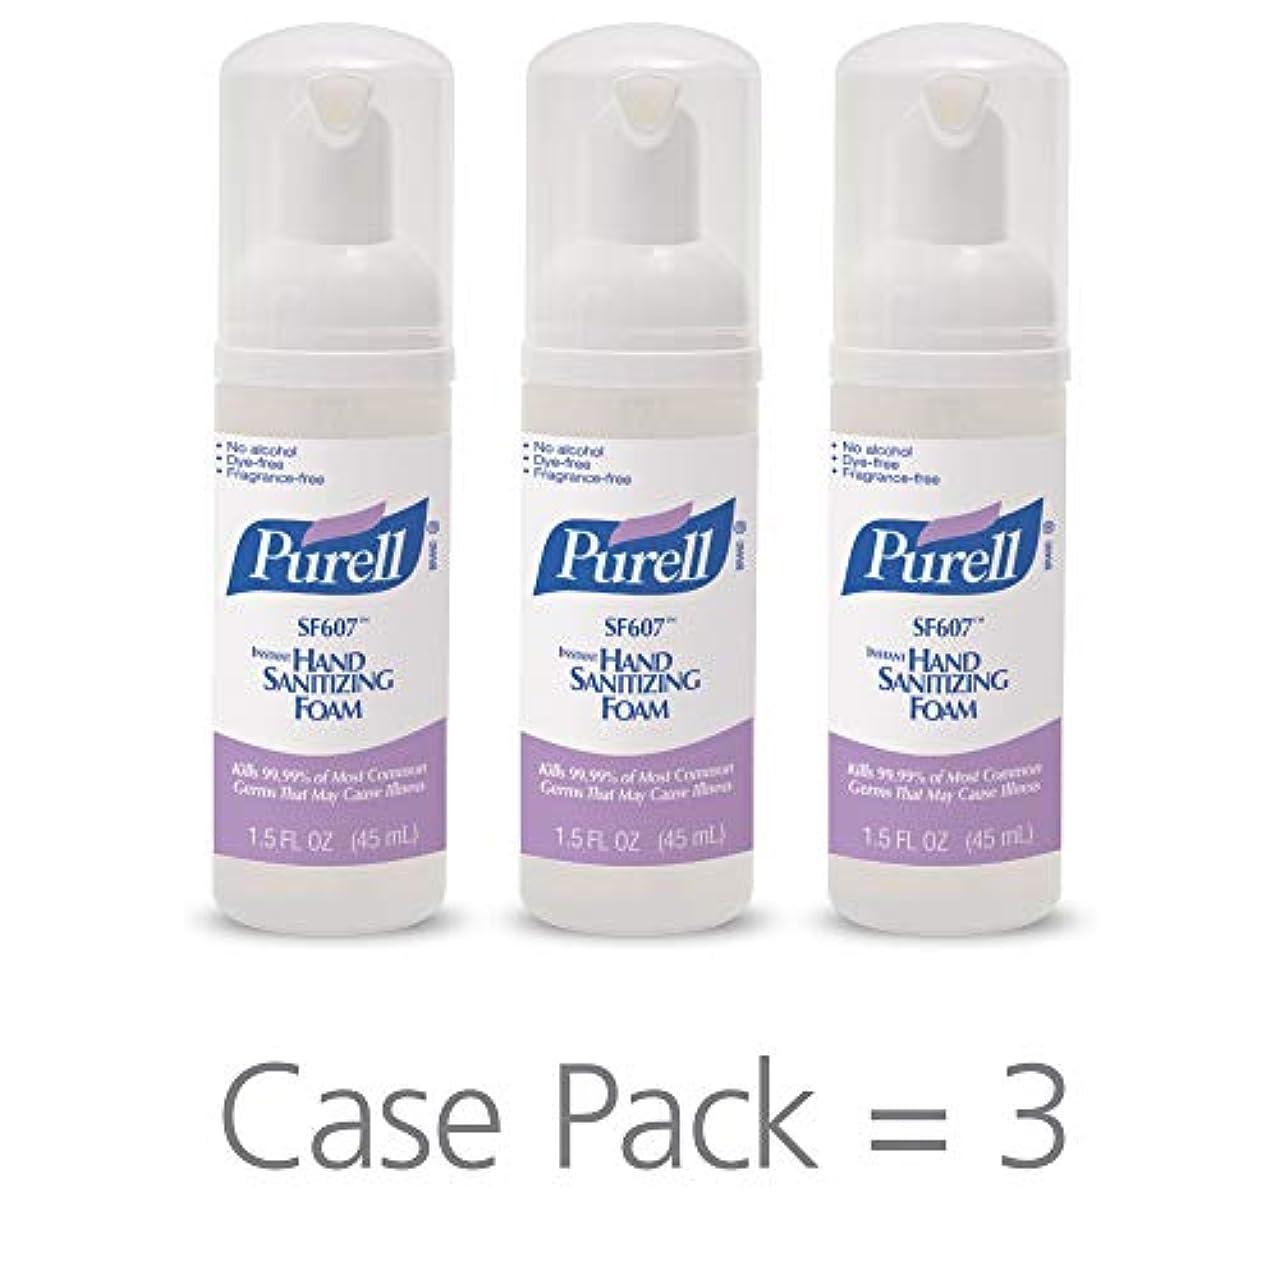 診療所カフェ体細胞PURELL SF607手の消毒液フォームポンプボトル ポータブル 45ml 24本ケース 5684-24